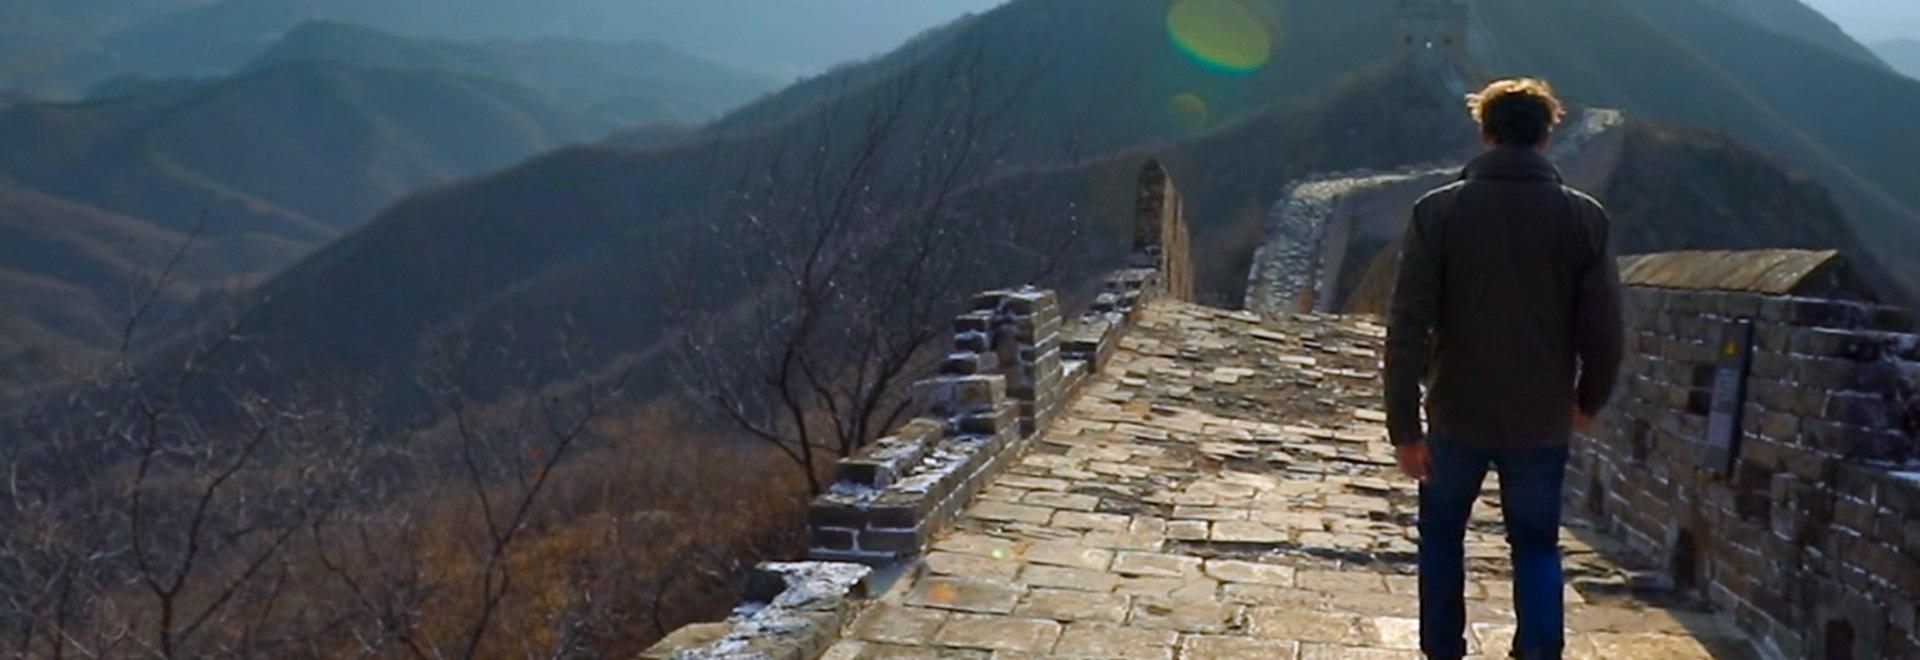 Cina: meraviglie antiche dall'alto